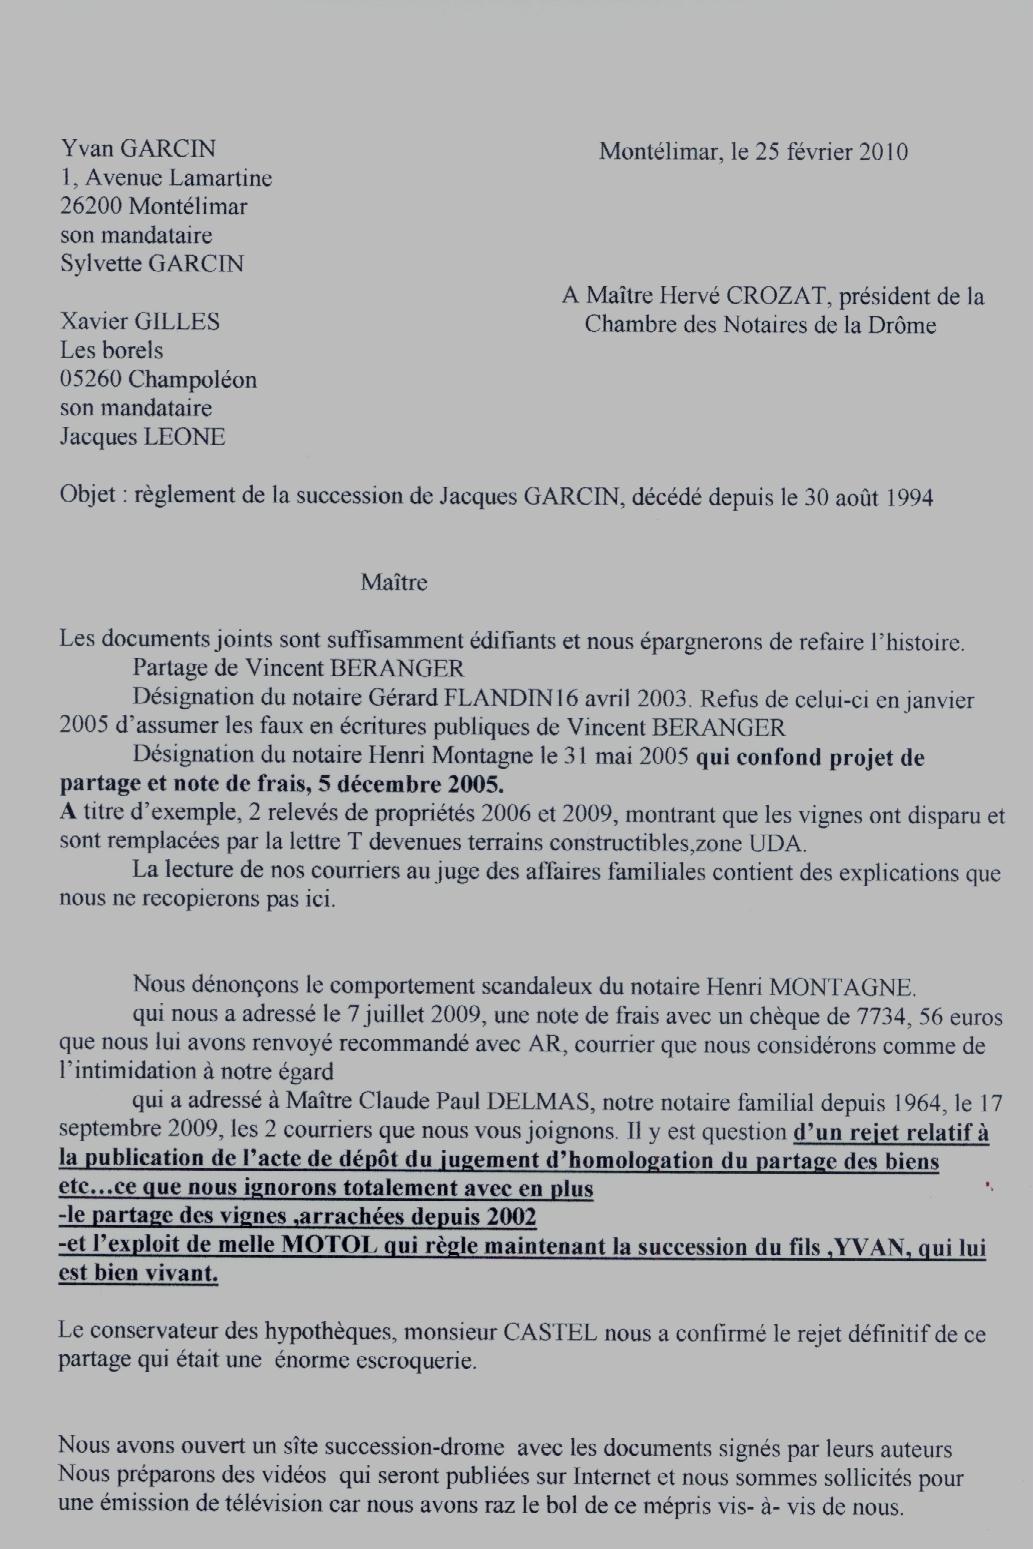 Courrier à Hervé Crozat du 25/2/10 - page 1